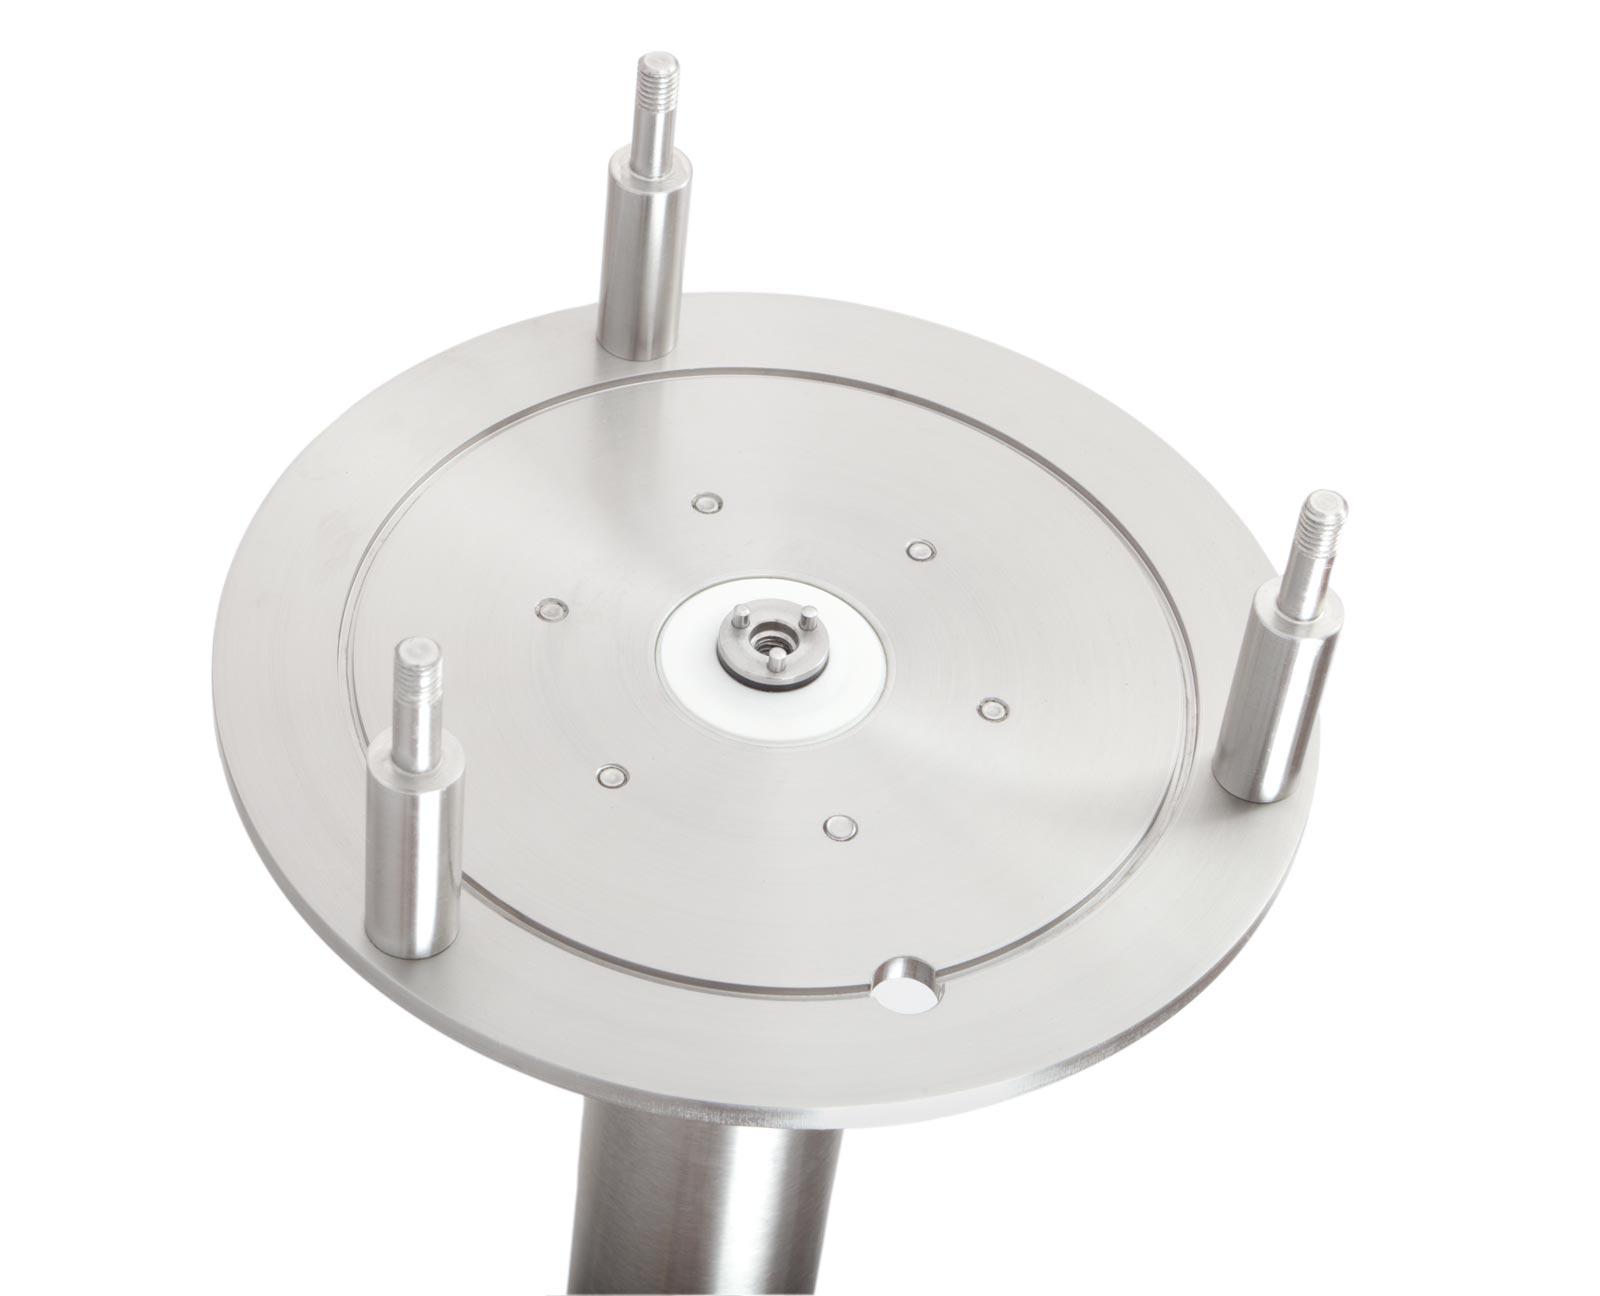 Weisser PM20 Passierturbine - Pürierkopf mit Teflonabdeckung